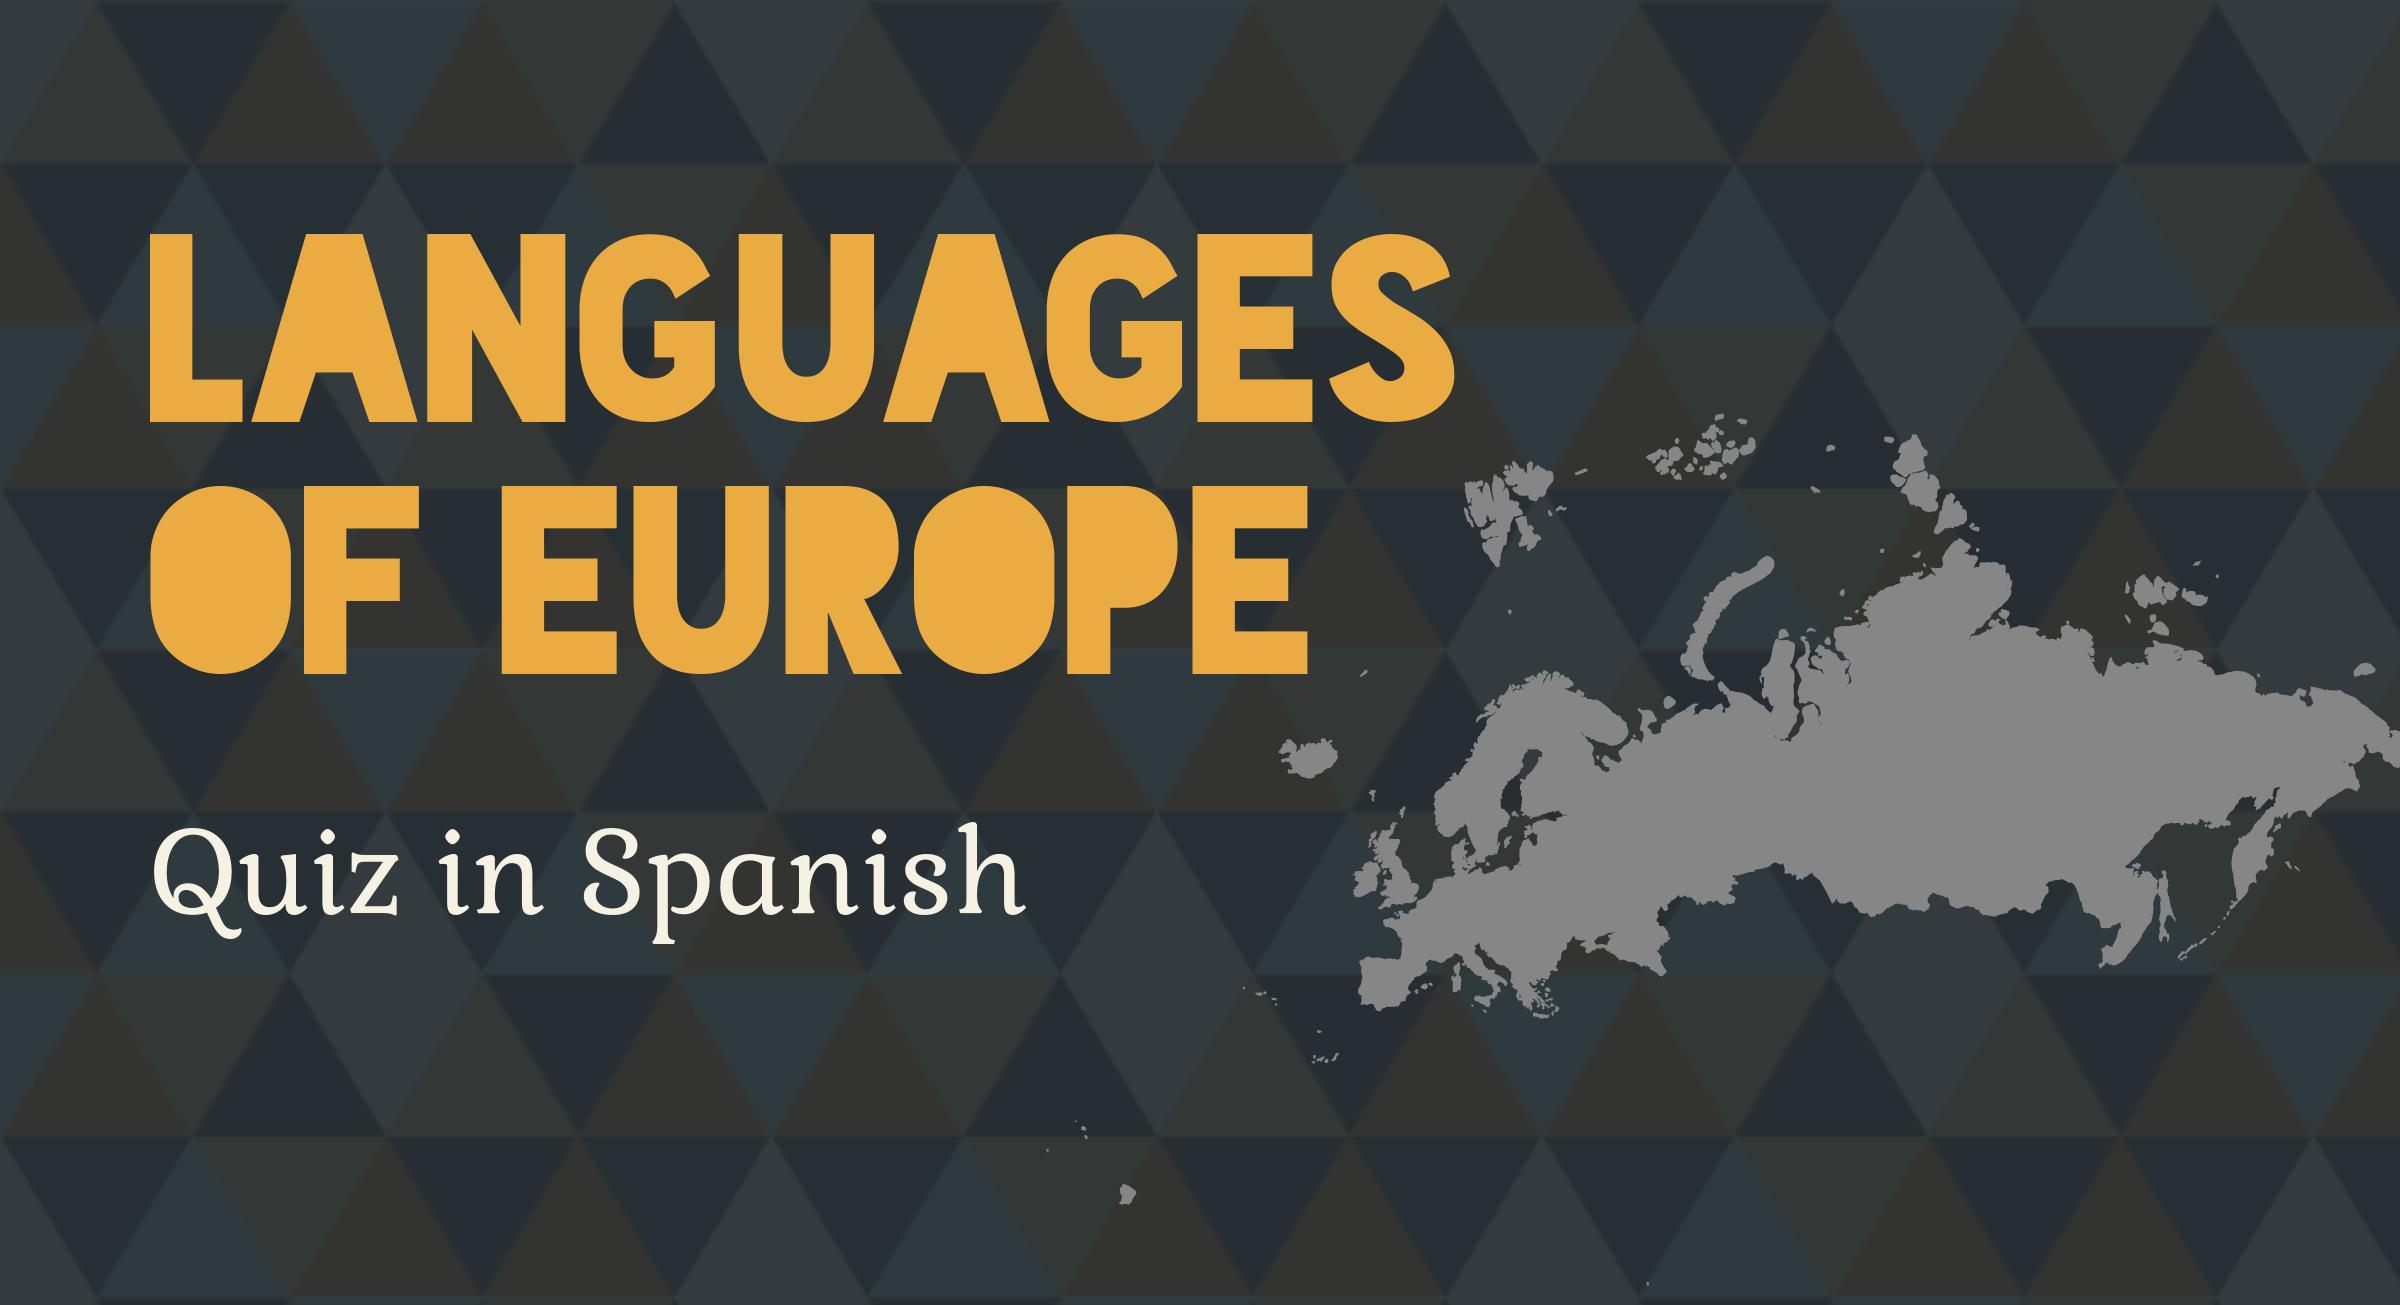 Languages of Europe. Quiz in Spanish.